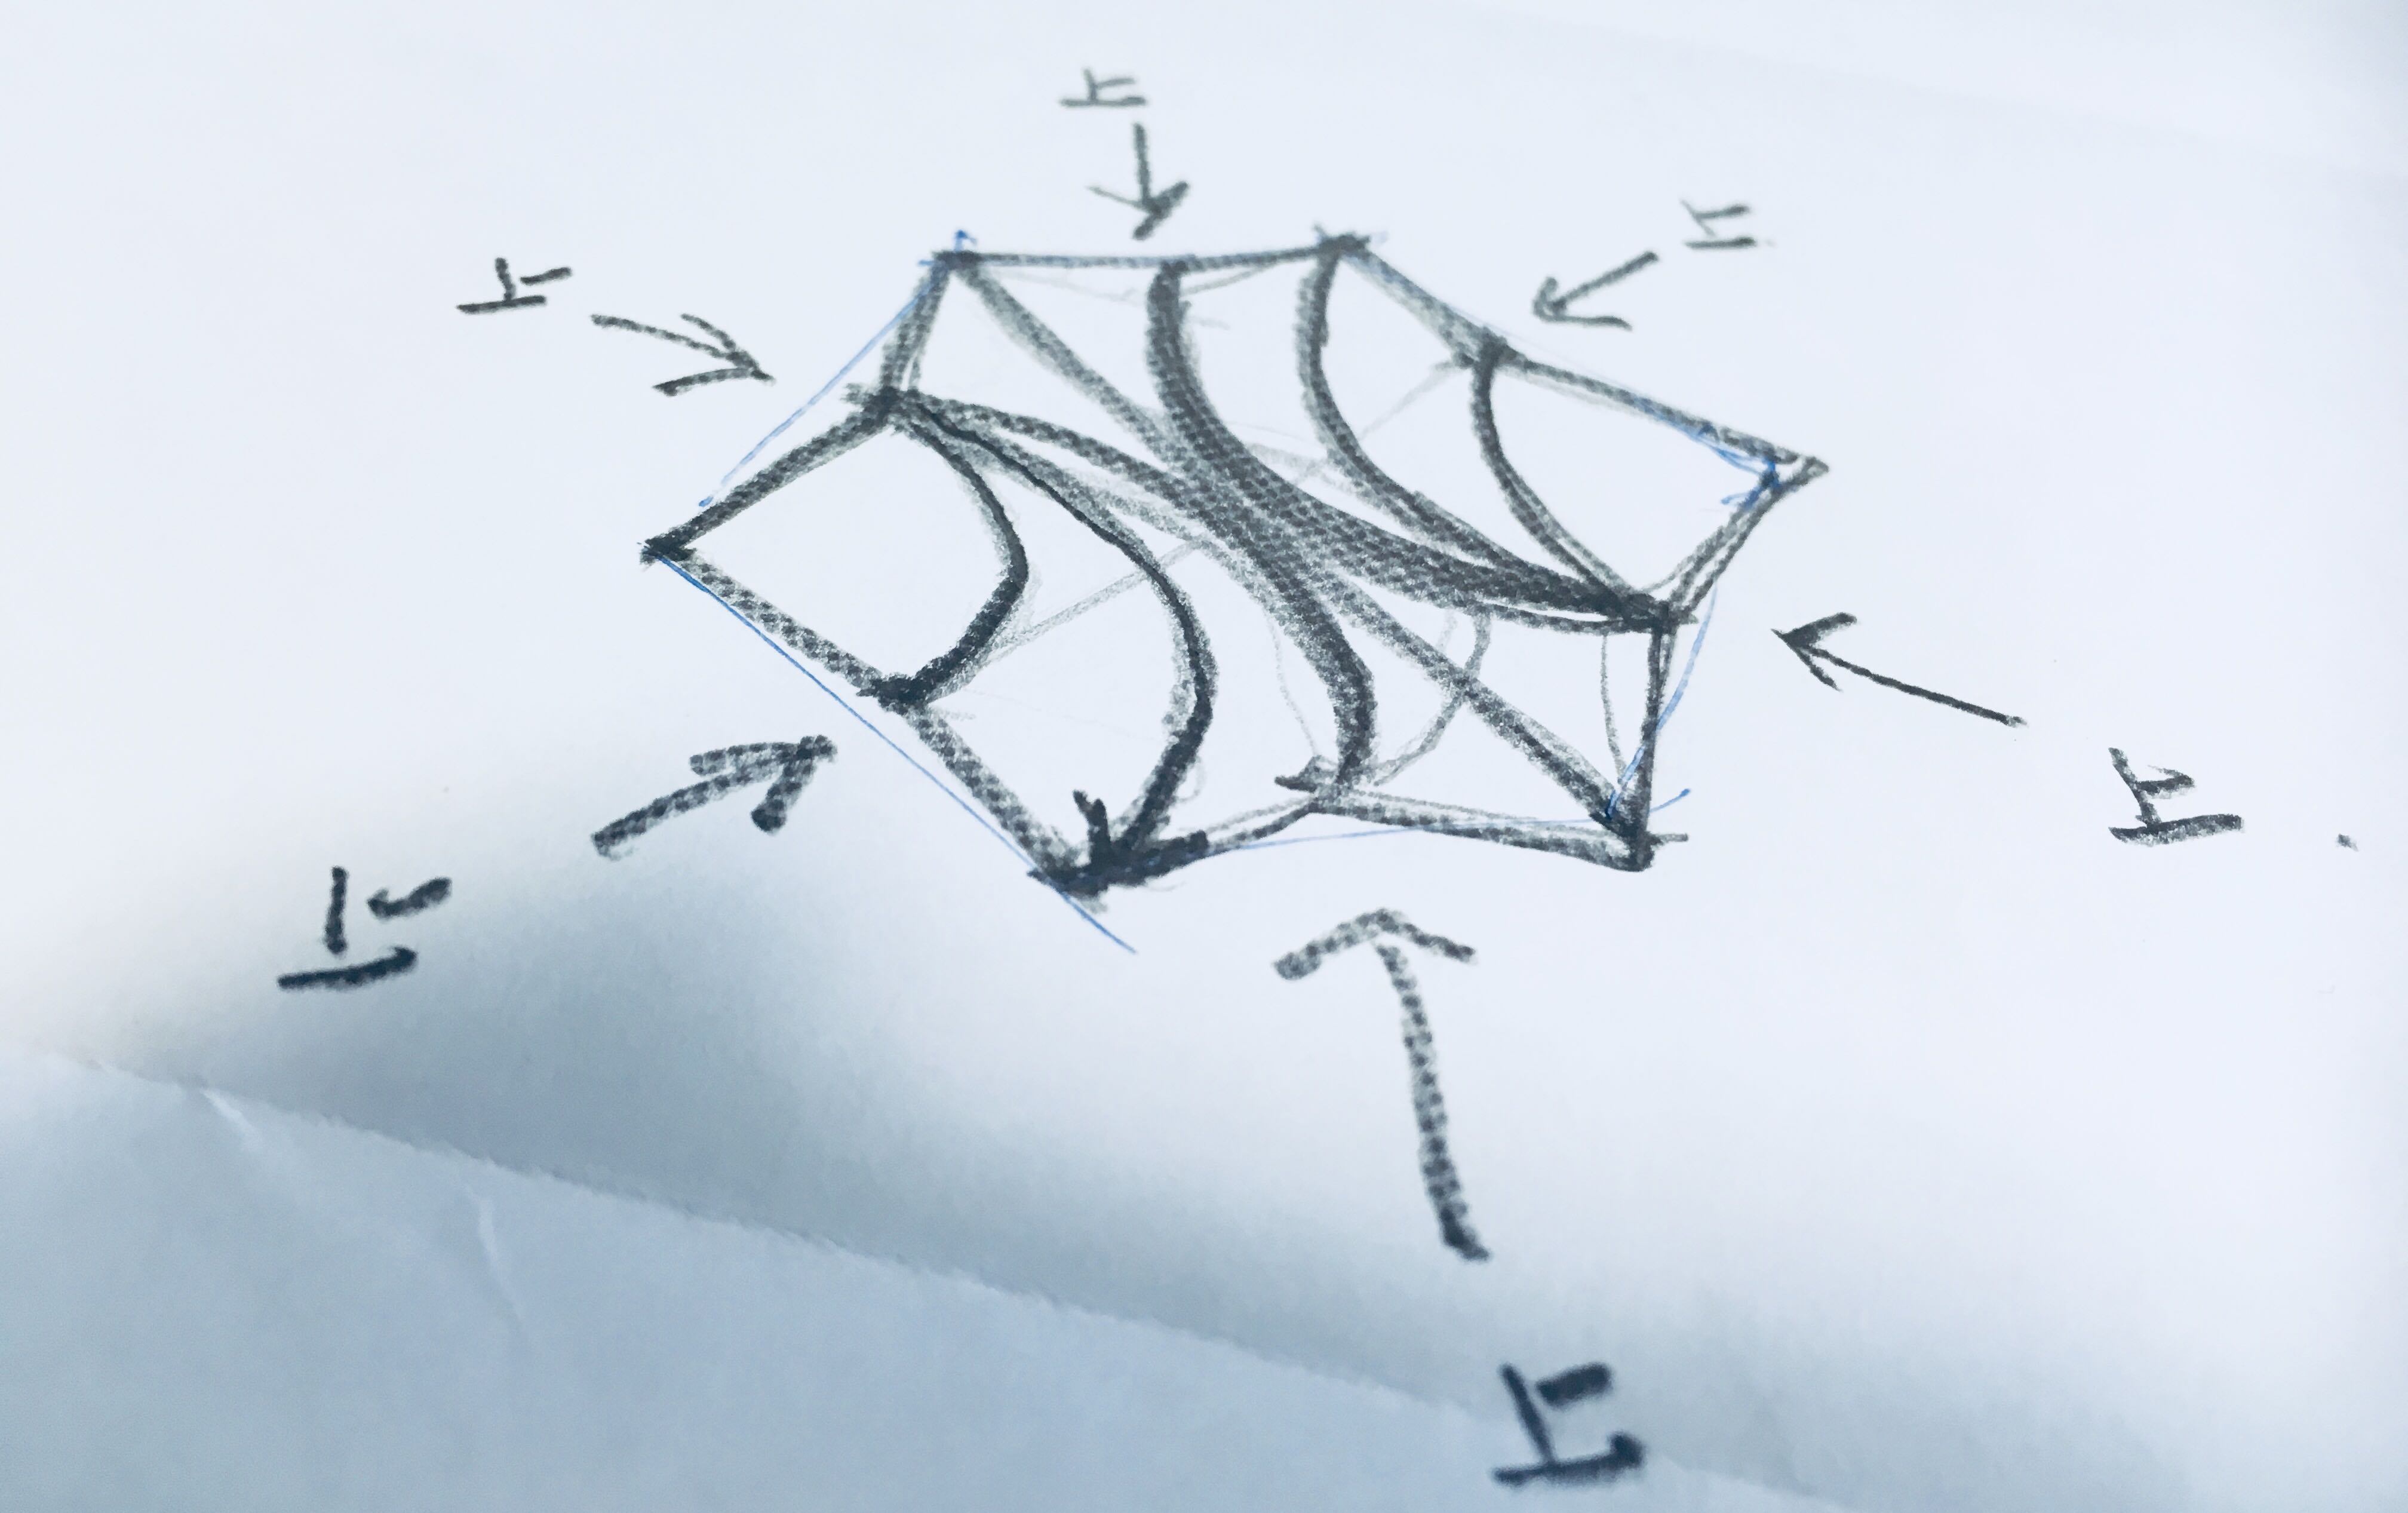 Parametric Design with Grasshopper 応用04についてじっくり考えてみました